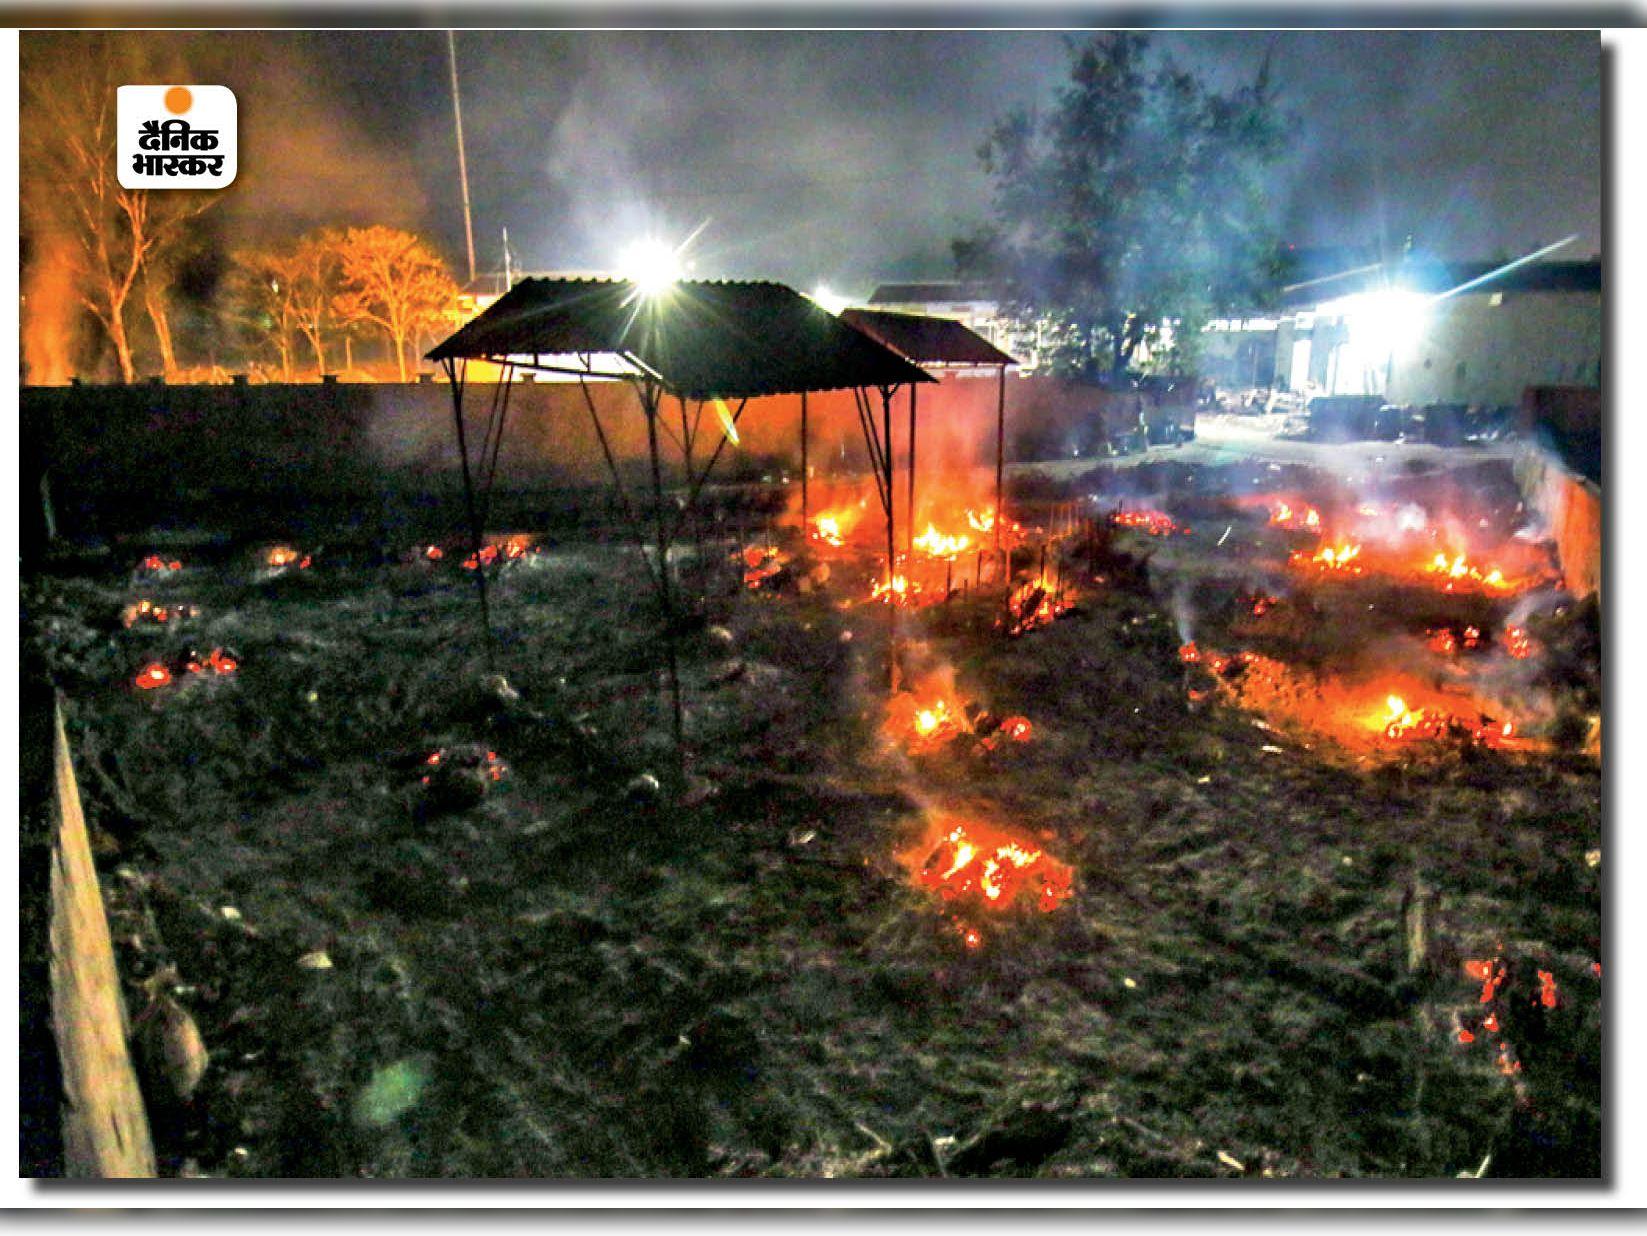 15 दिन में 12389 मौतें, इनमें सिर्फ 19 जिलों में 5484 का कोविड प्रोटोकॉल से हुआ अंतिम संस्कार, भोपाल में 1663|भोपाल,Bhopal - Dainik Bhaskar